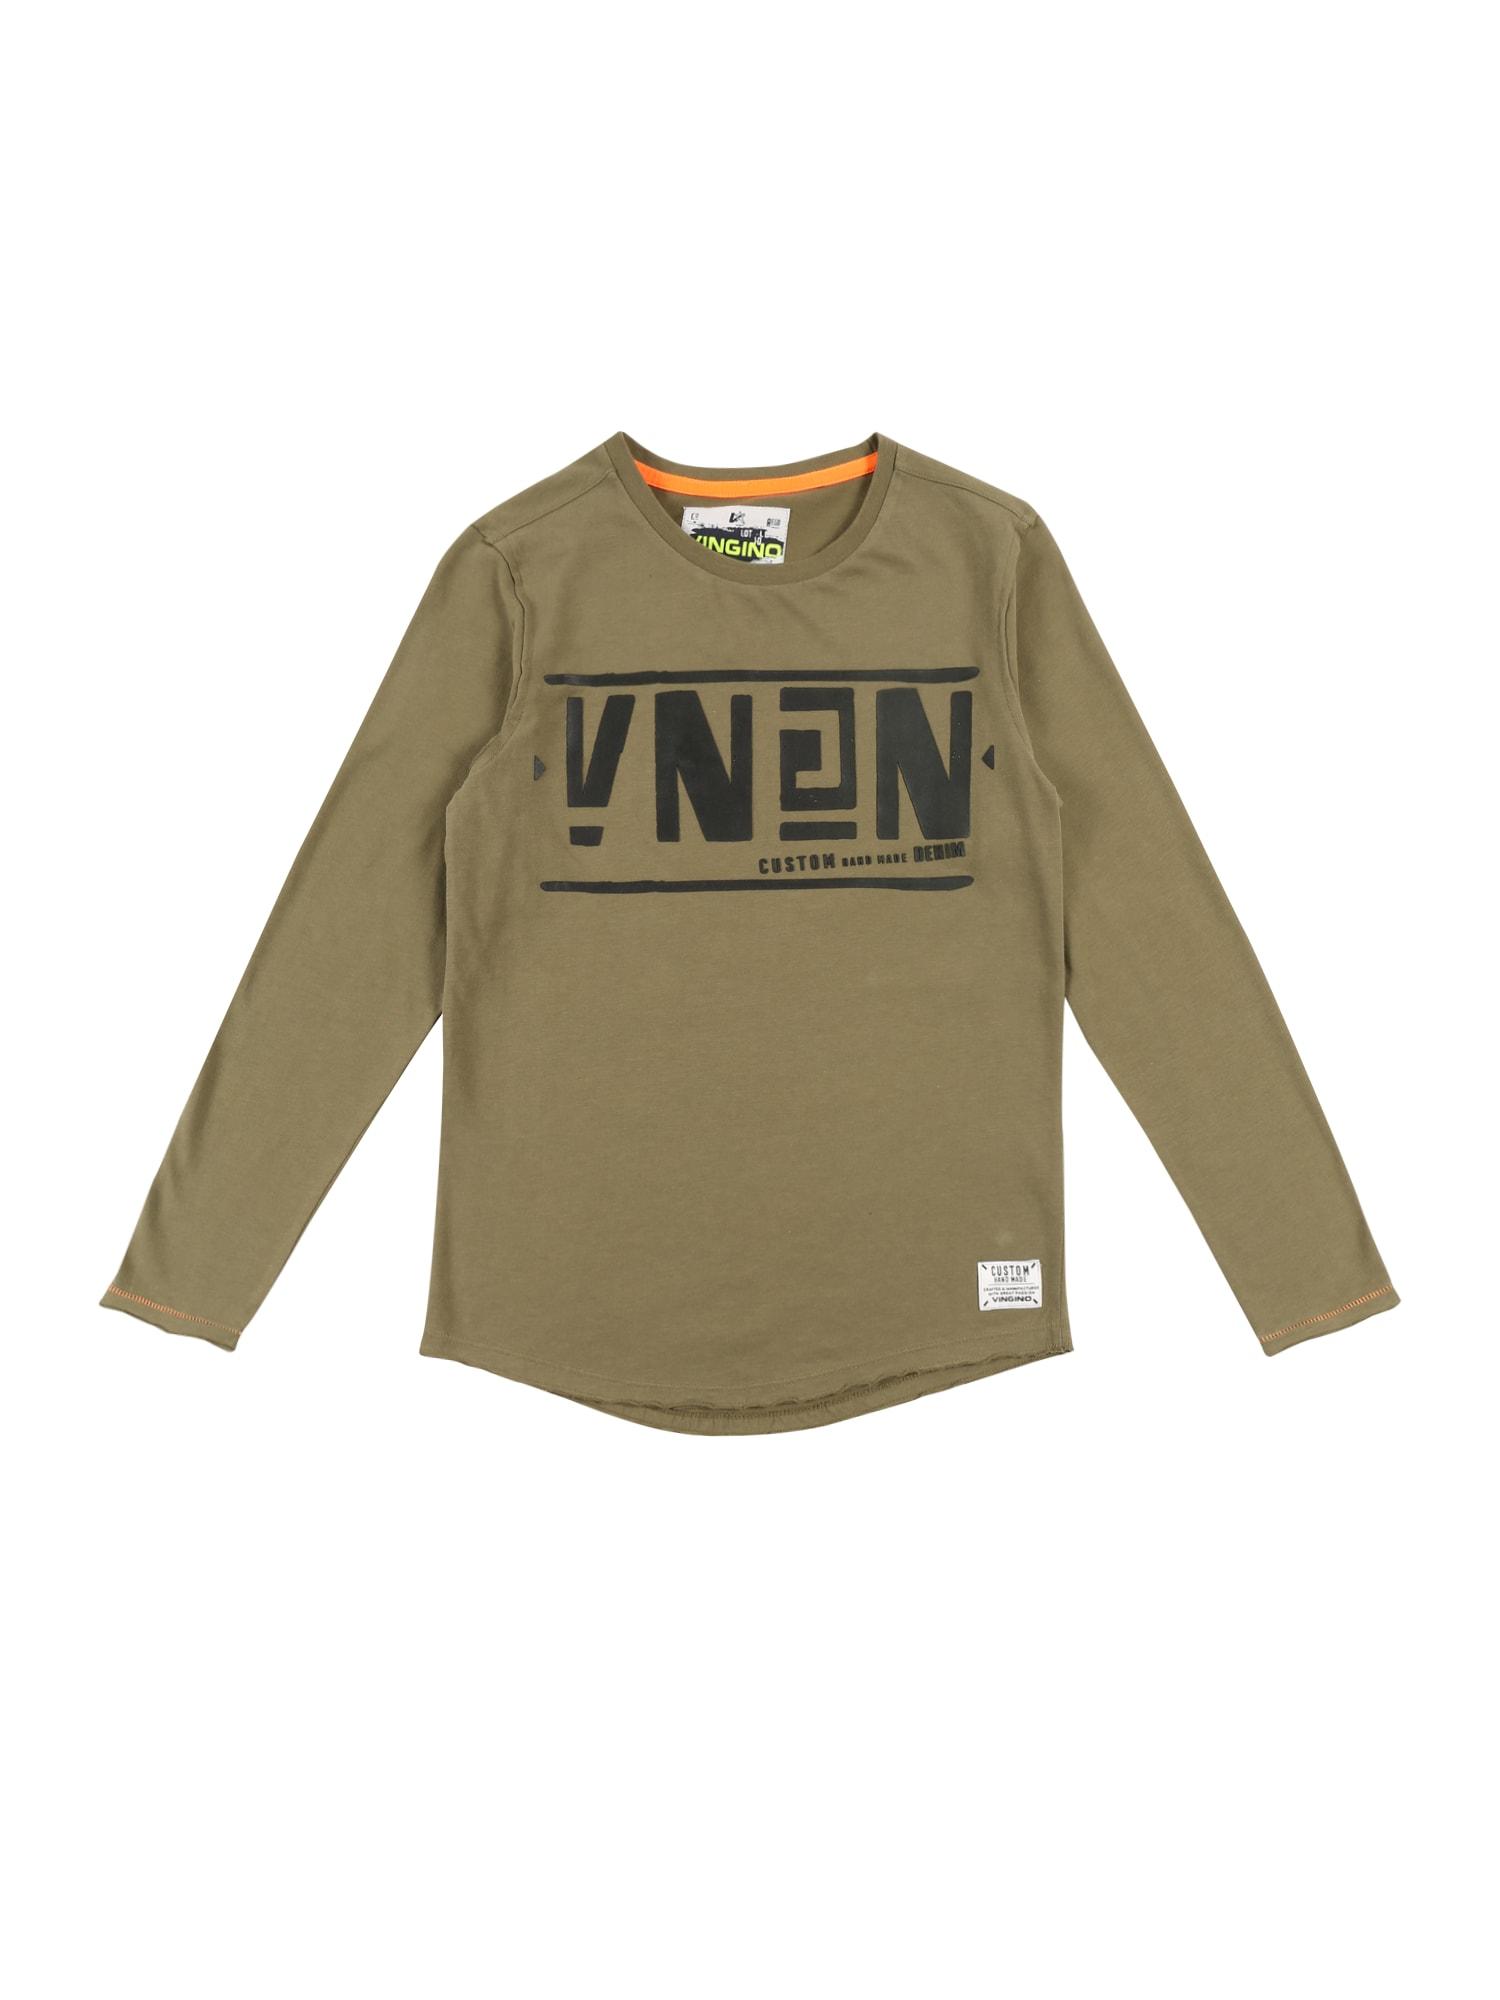 Tričko Jelaino khaki VINGINO